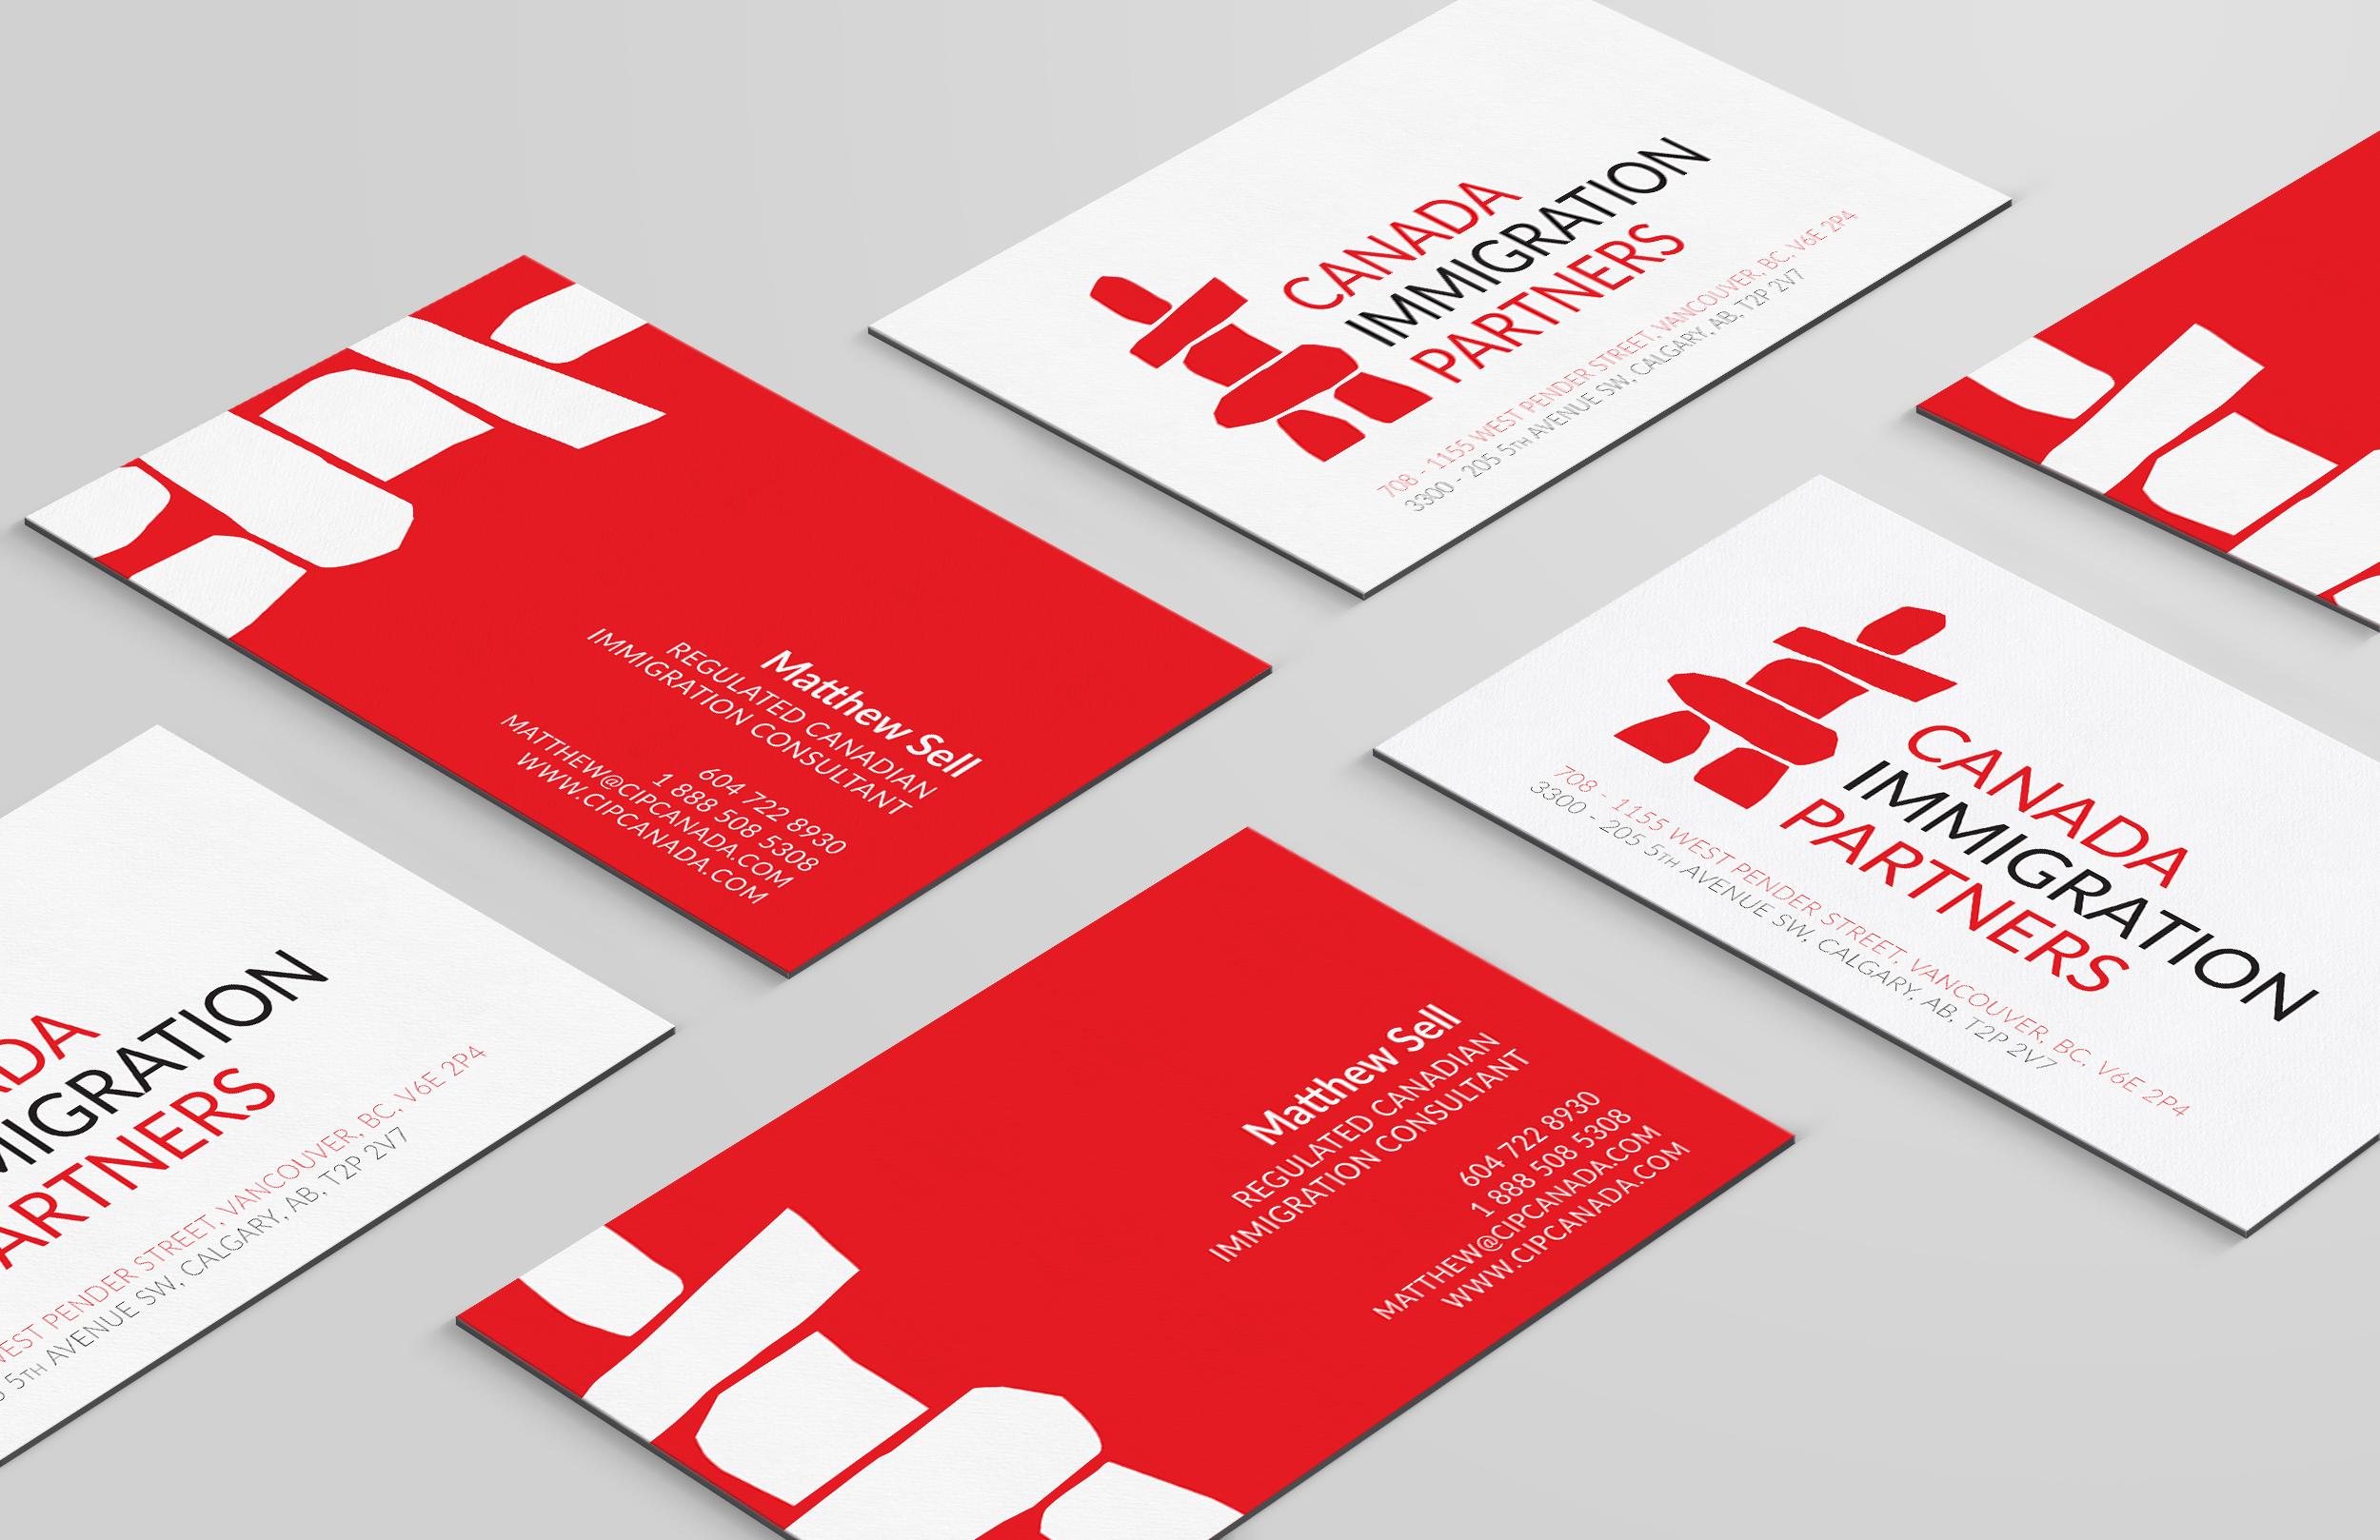 katelynbishop_design_CIP_businesscards2